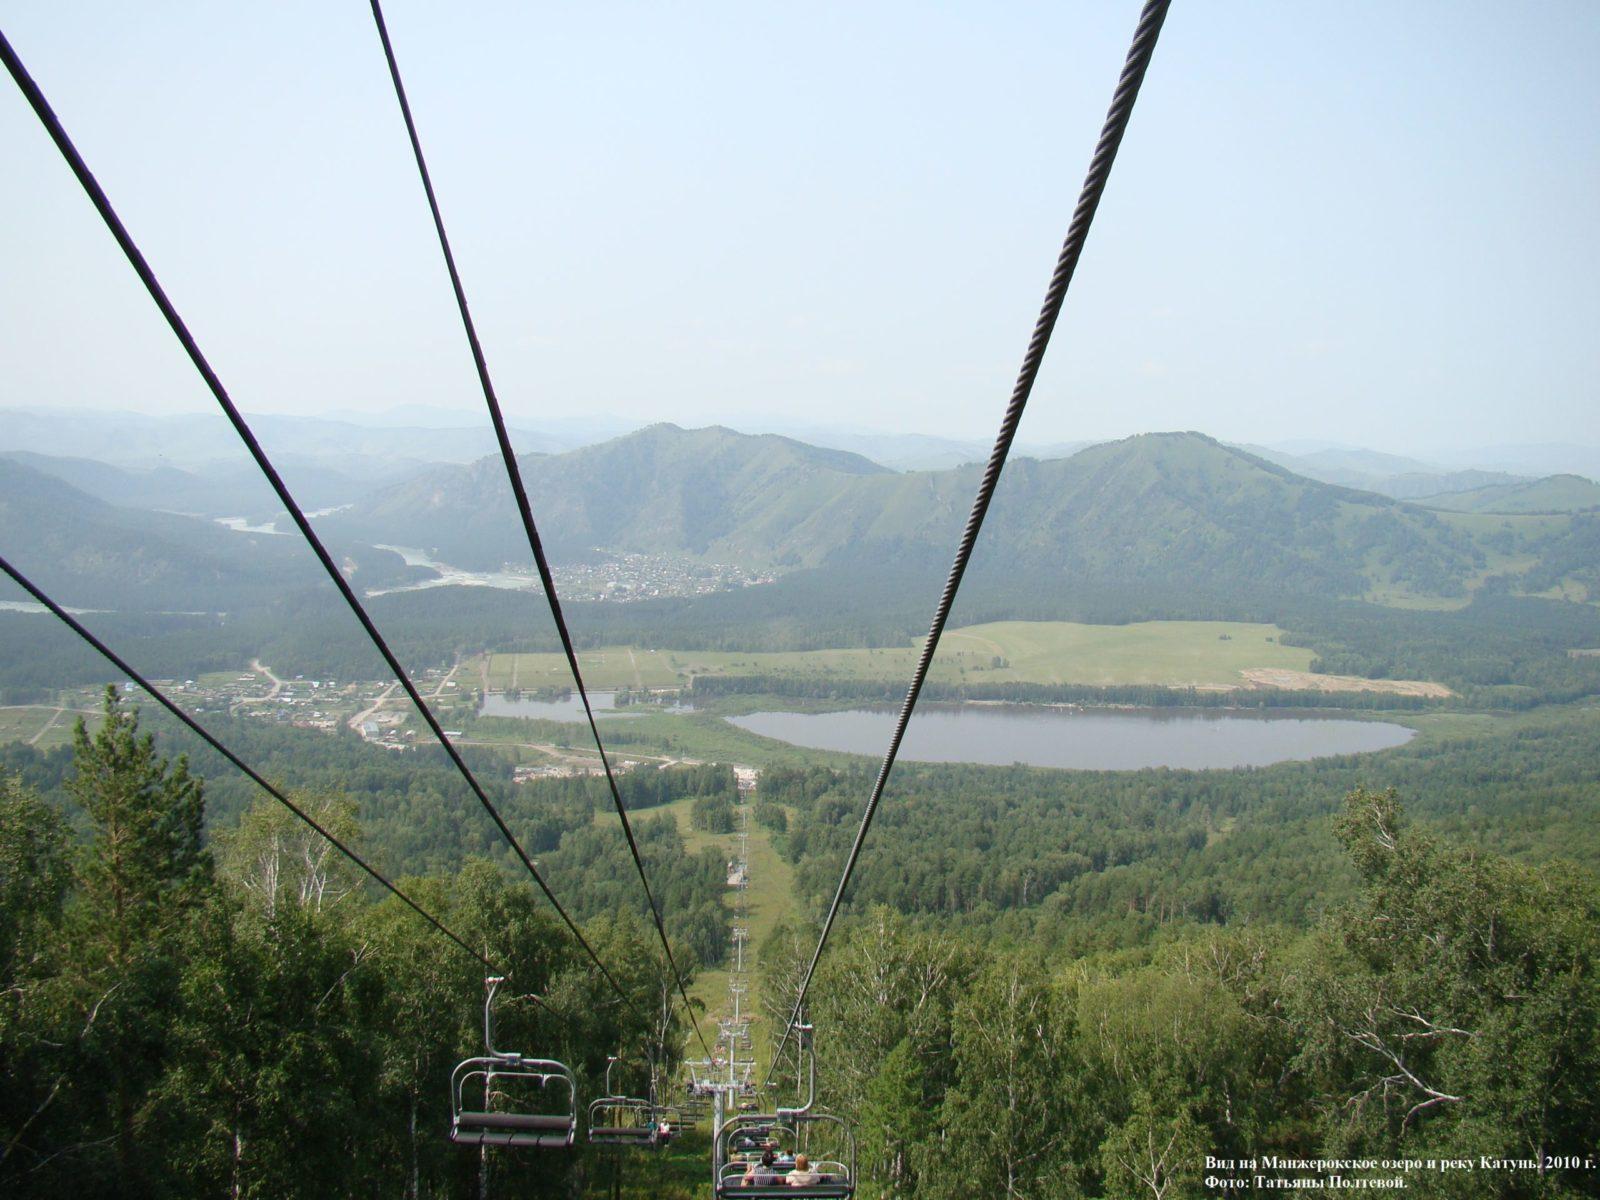 Вид на Манжерокское озеро и реку Катунь. 2010 г.